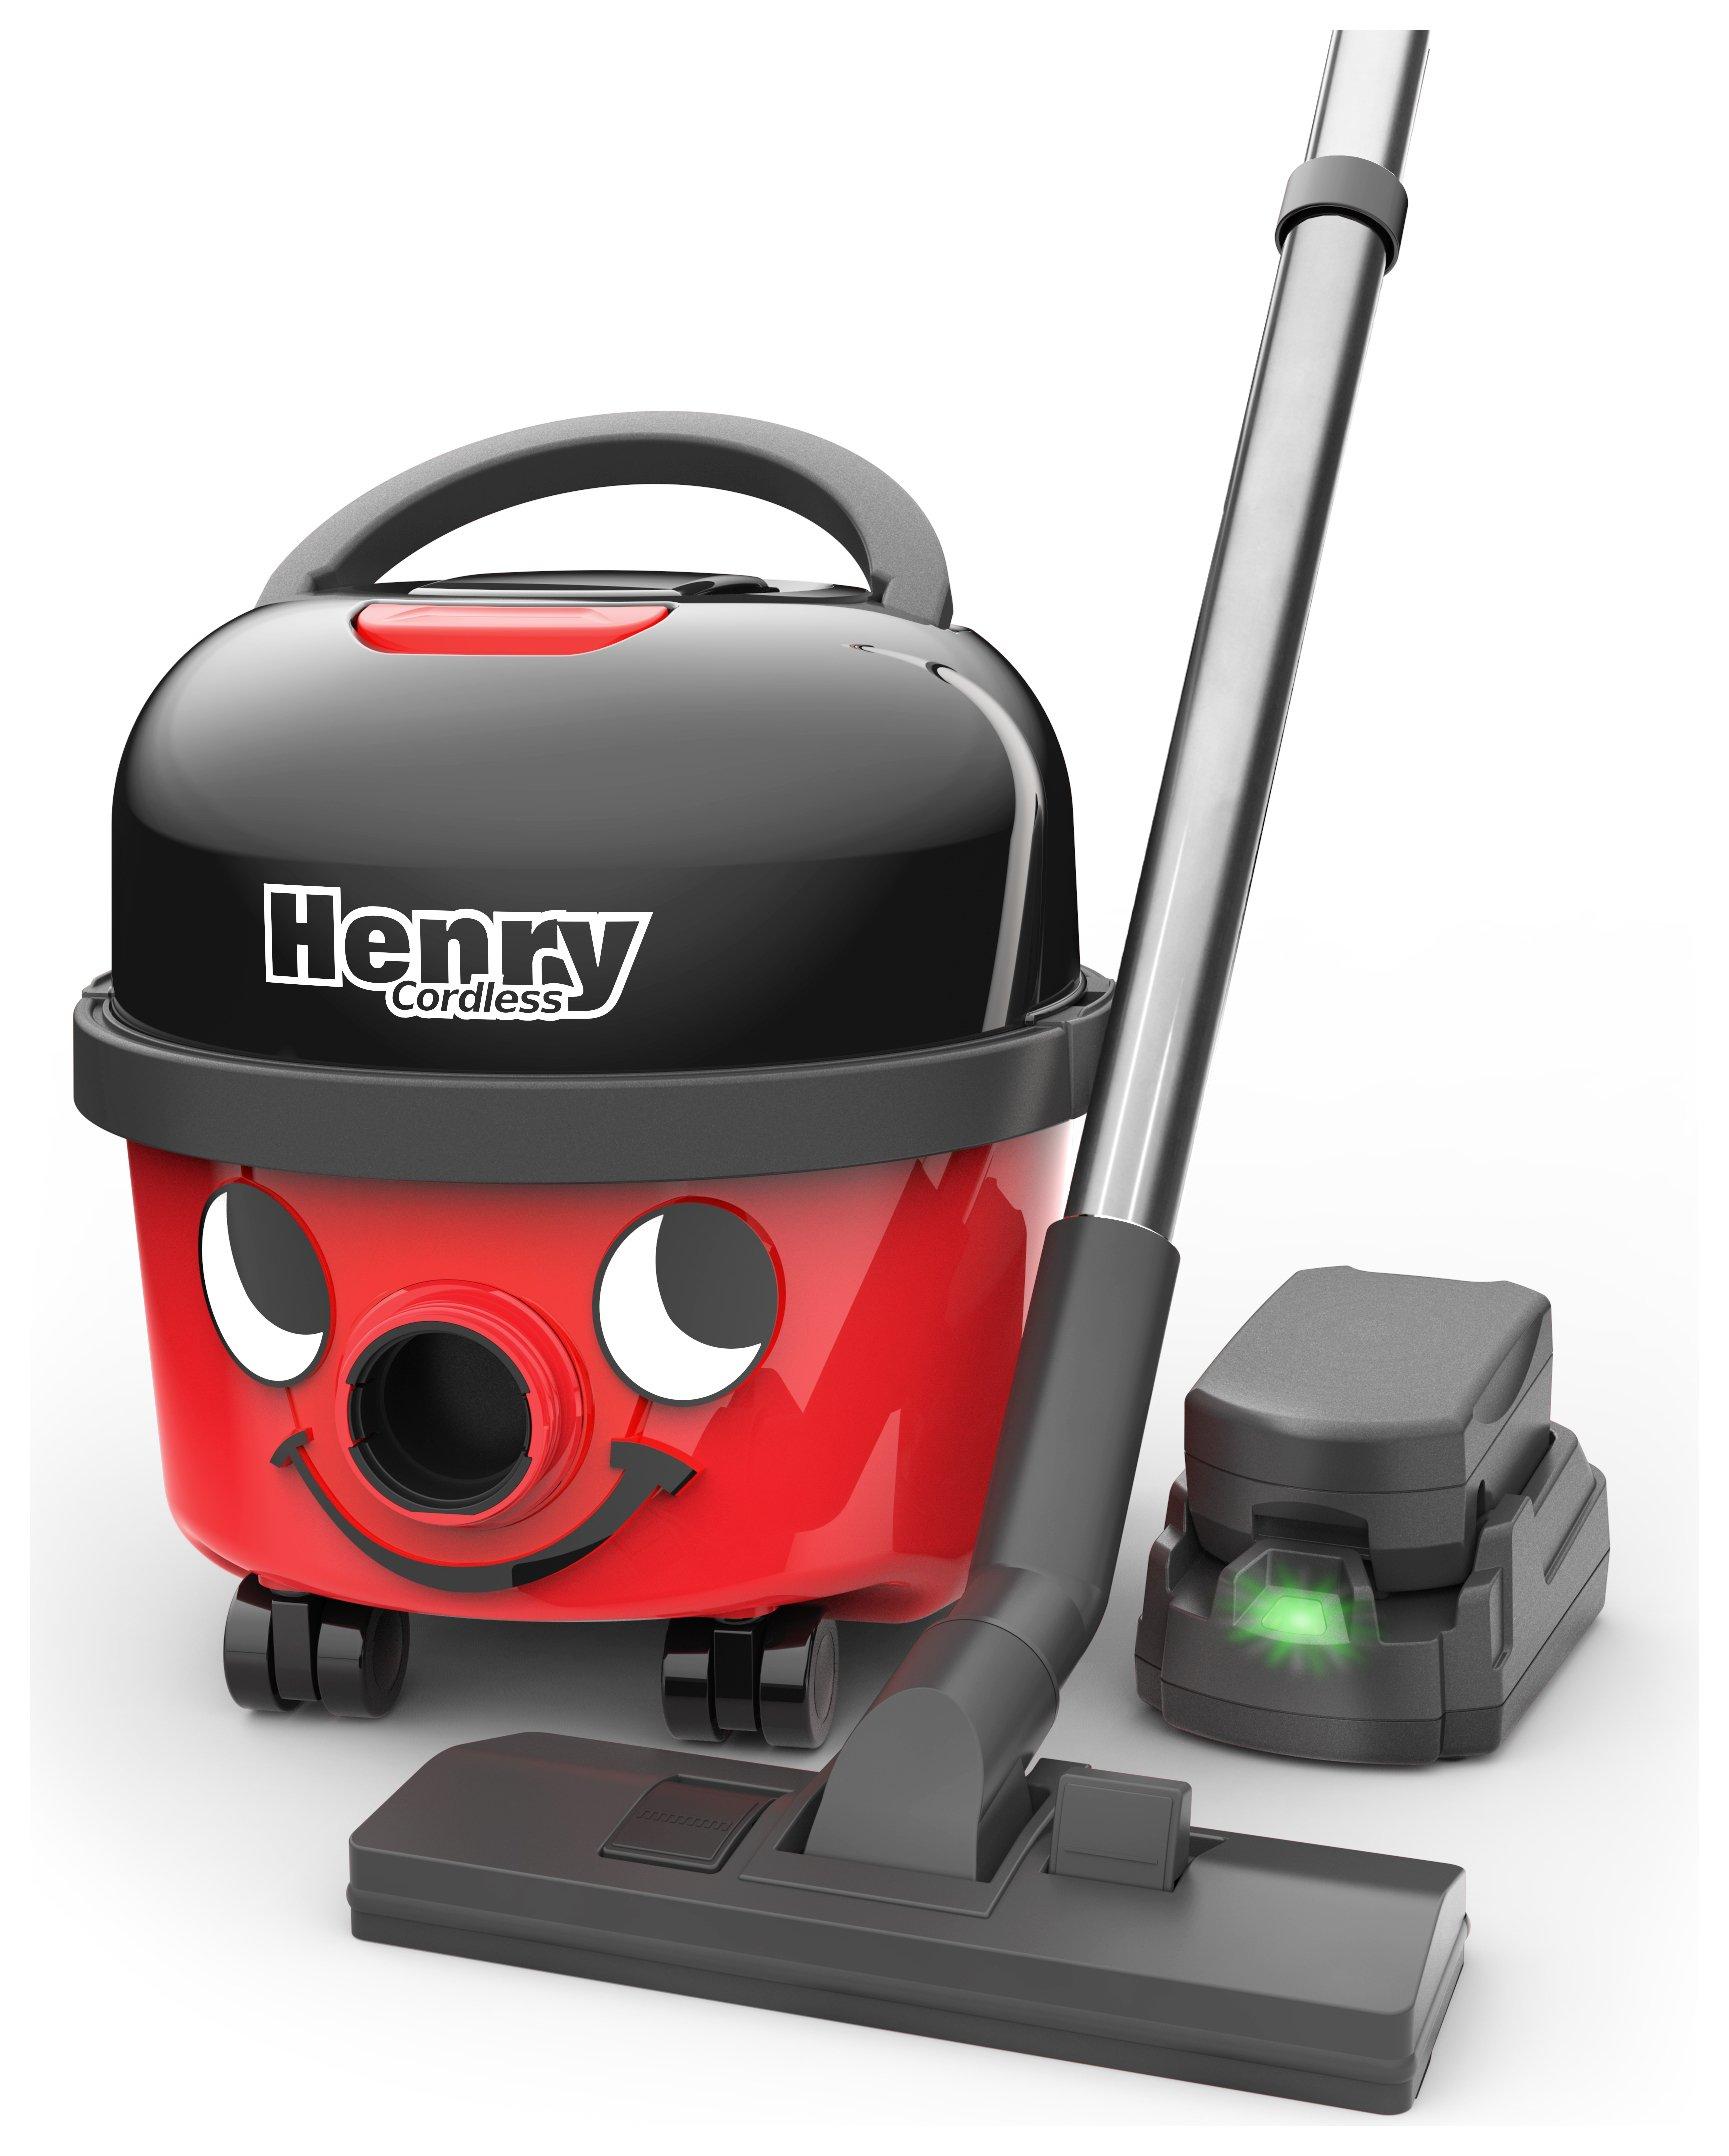 henry hvb160 cordless cylinder vacuum cleaner review. Black Bedroom Furniture Sets. Home Design Ideas